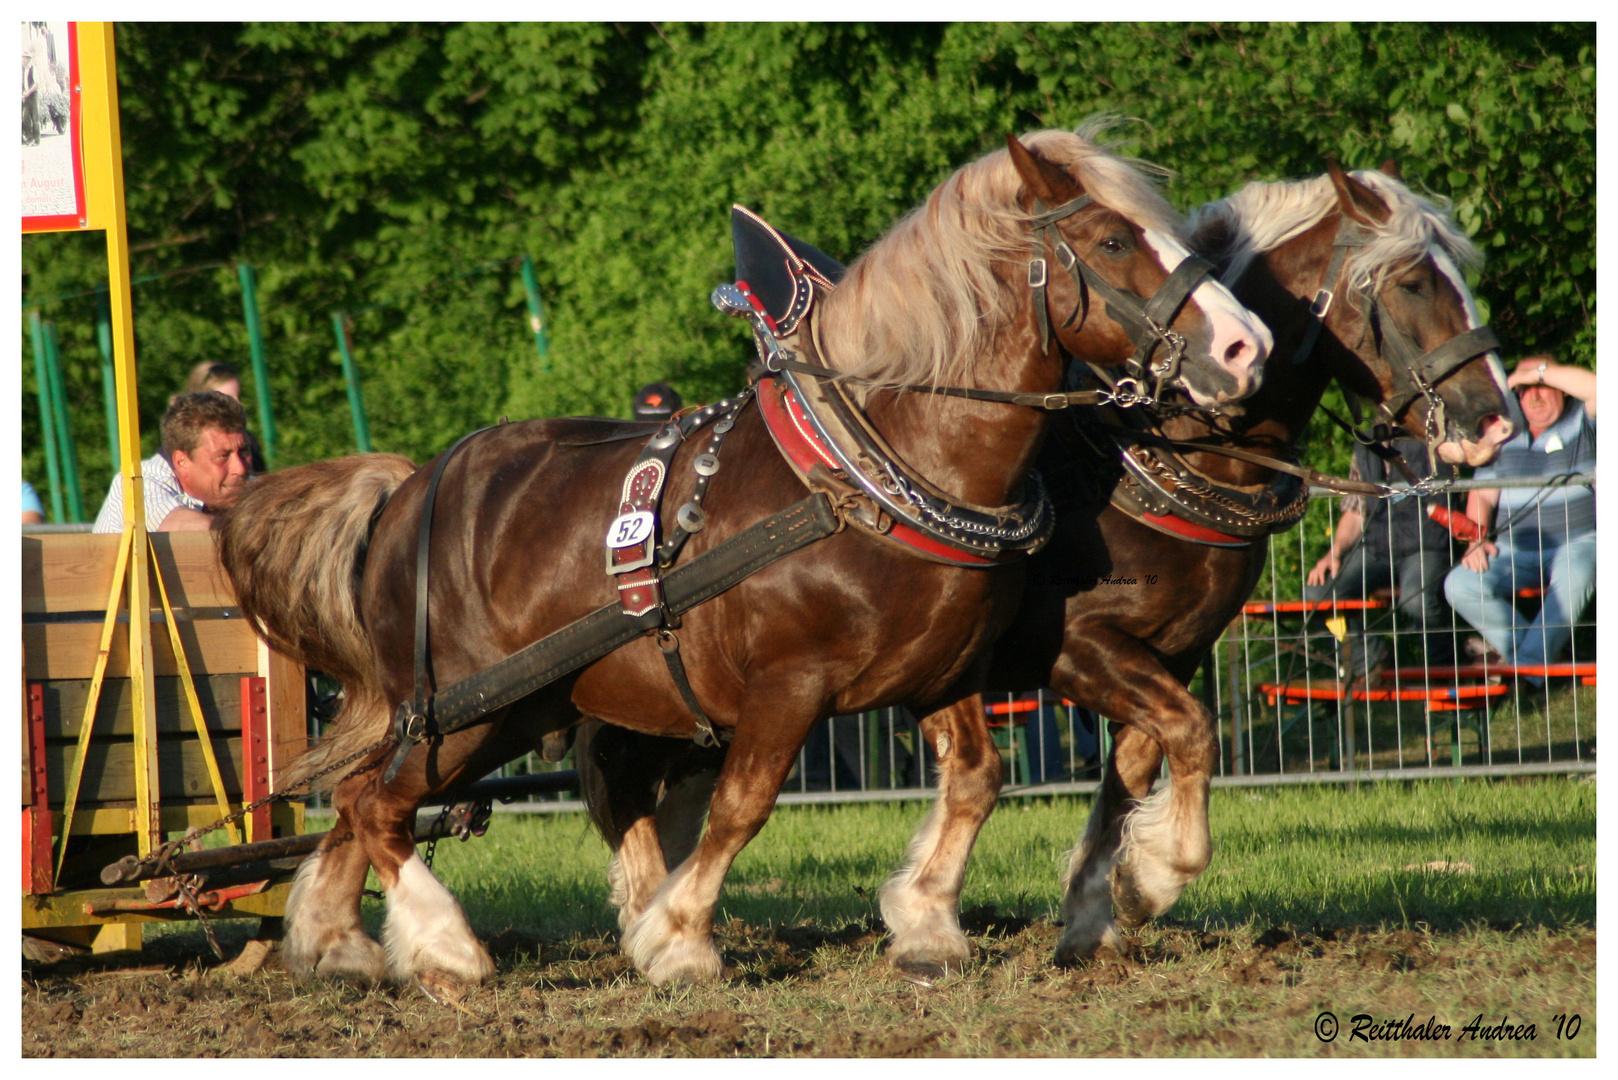 wer sein Pferd liebt, der schiebt ;-)